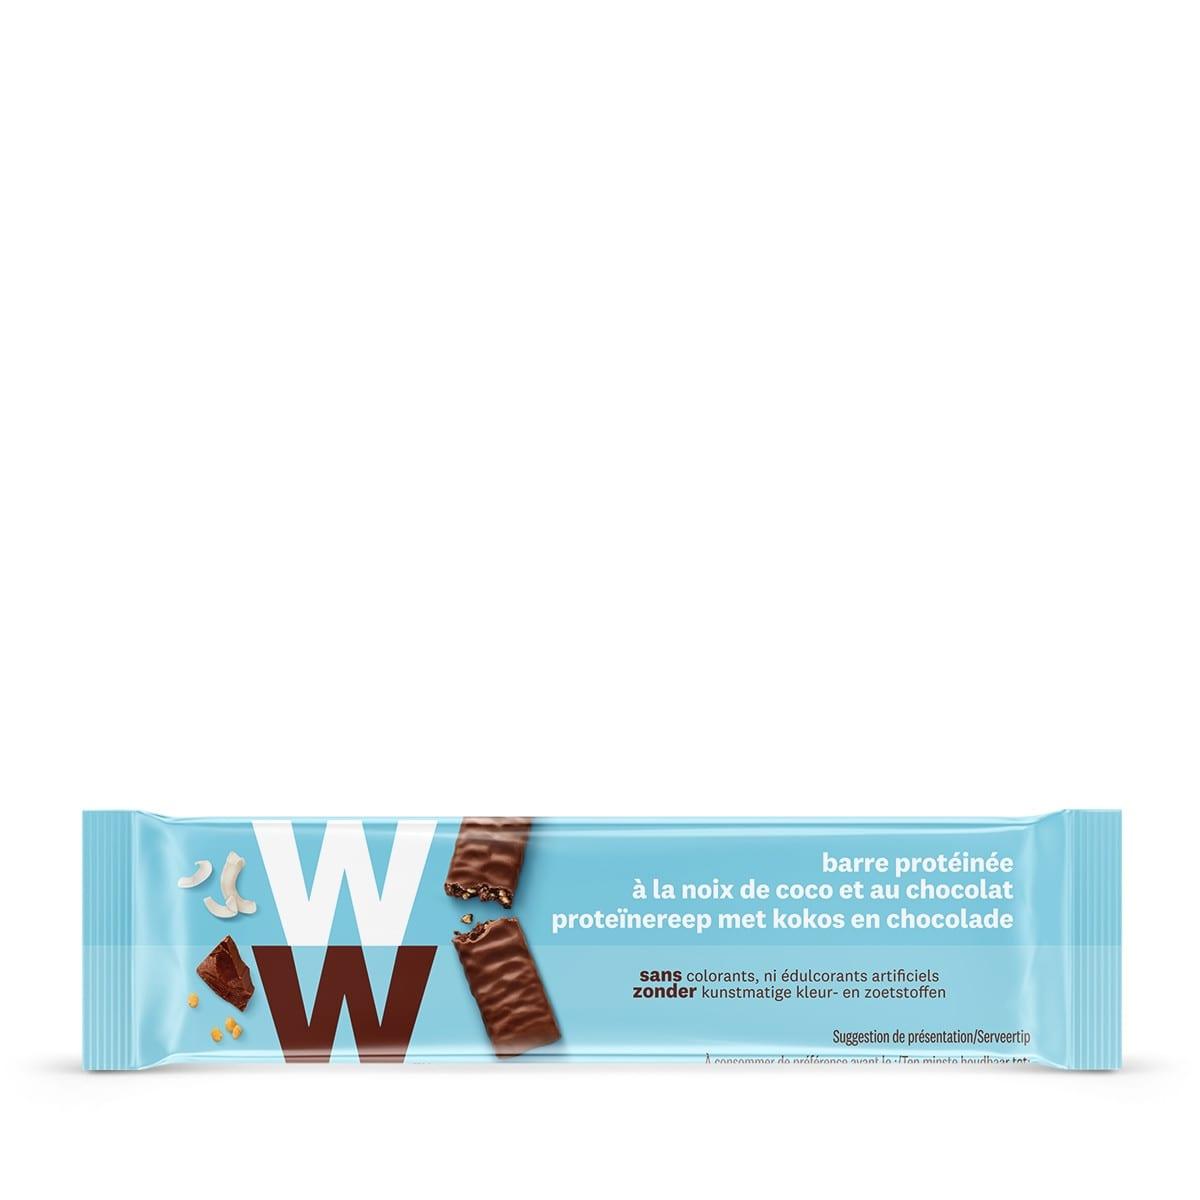 Verpakking WW proteine chocolade reep kokos